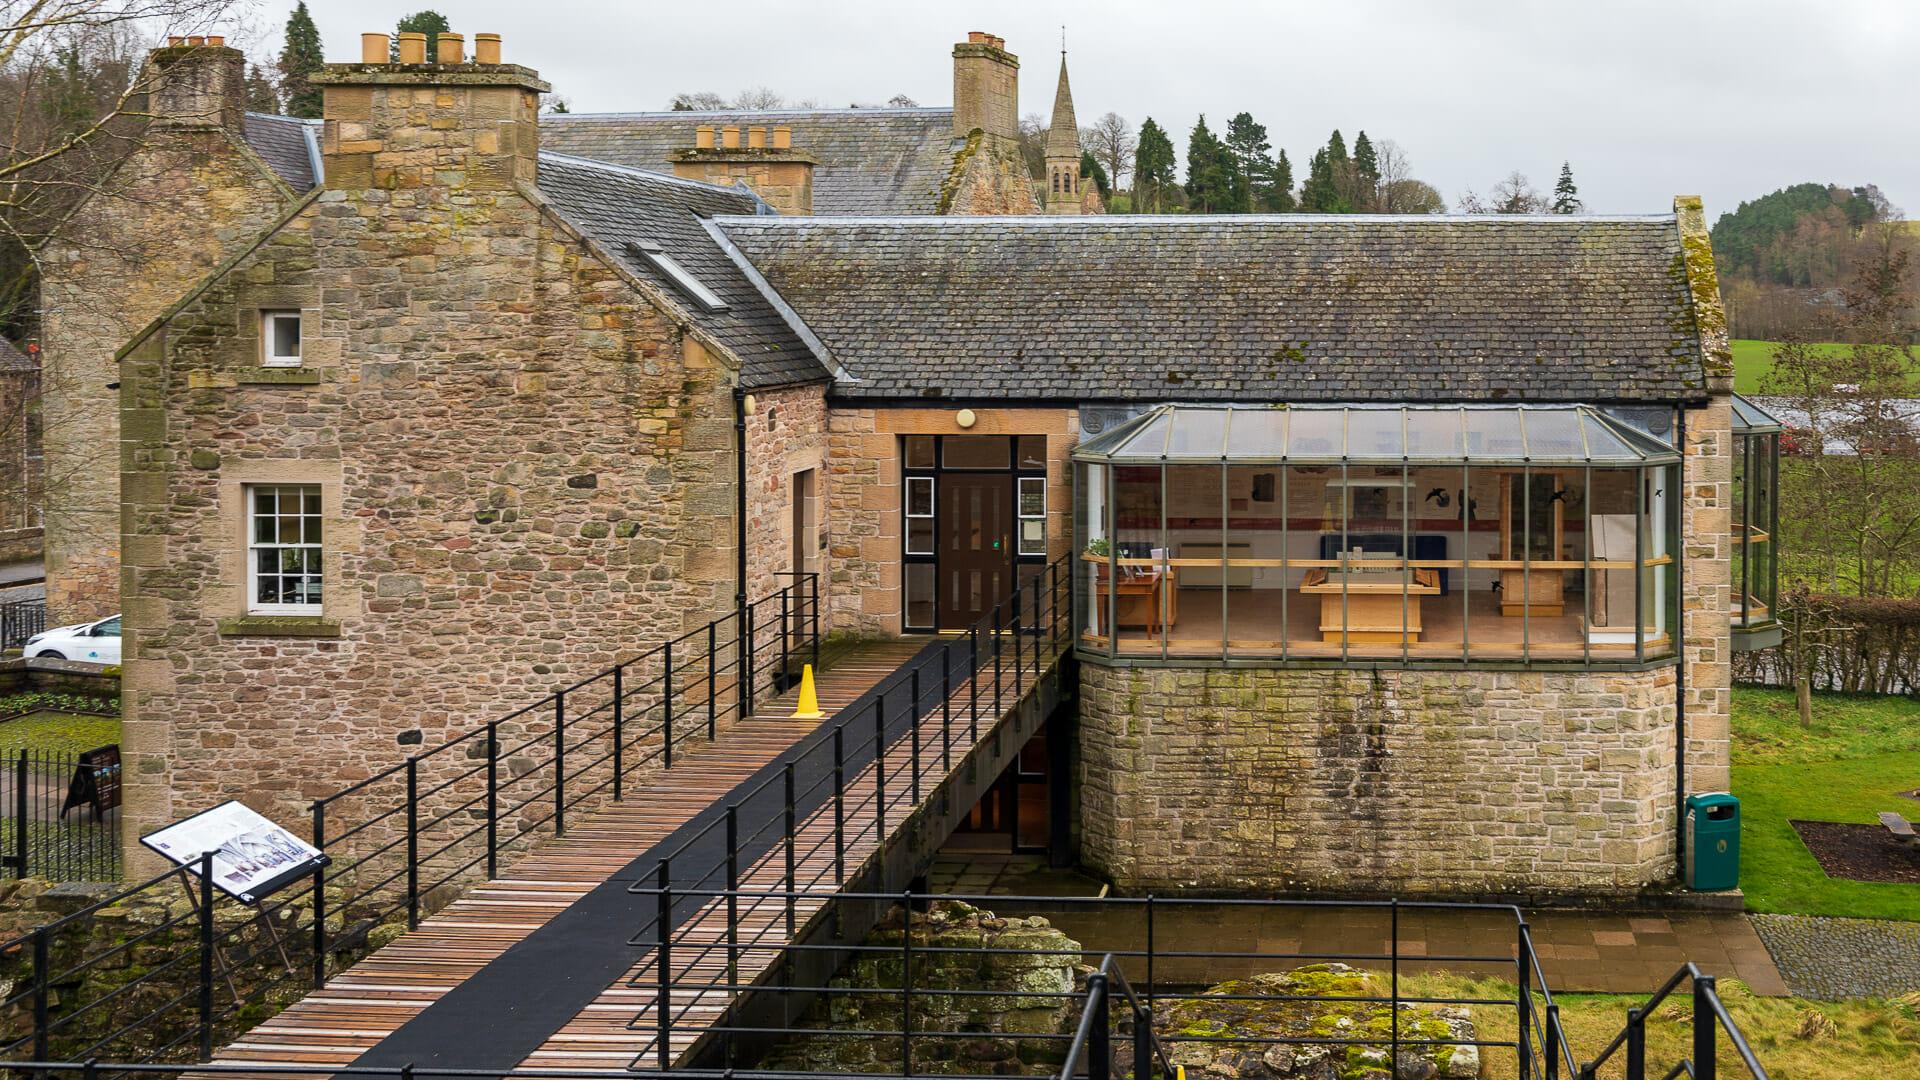 Der Weg zur Abbey führt durch das kleine Museum